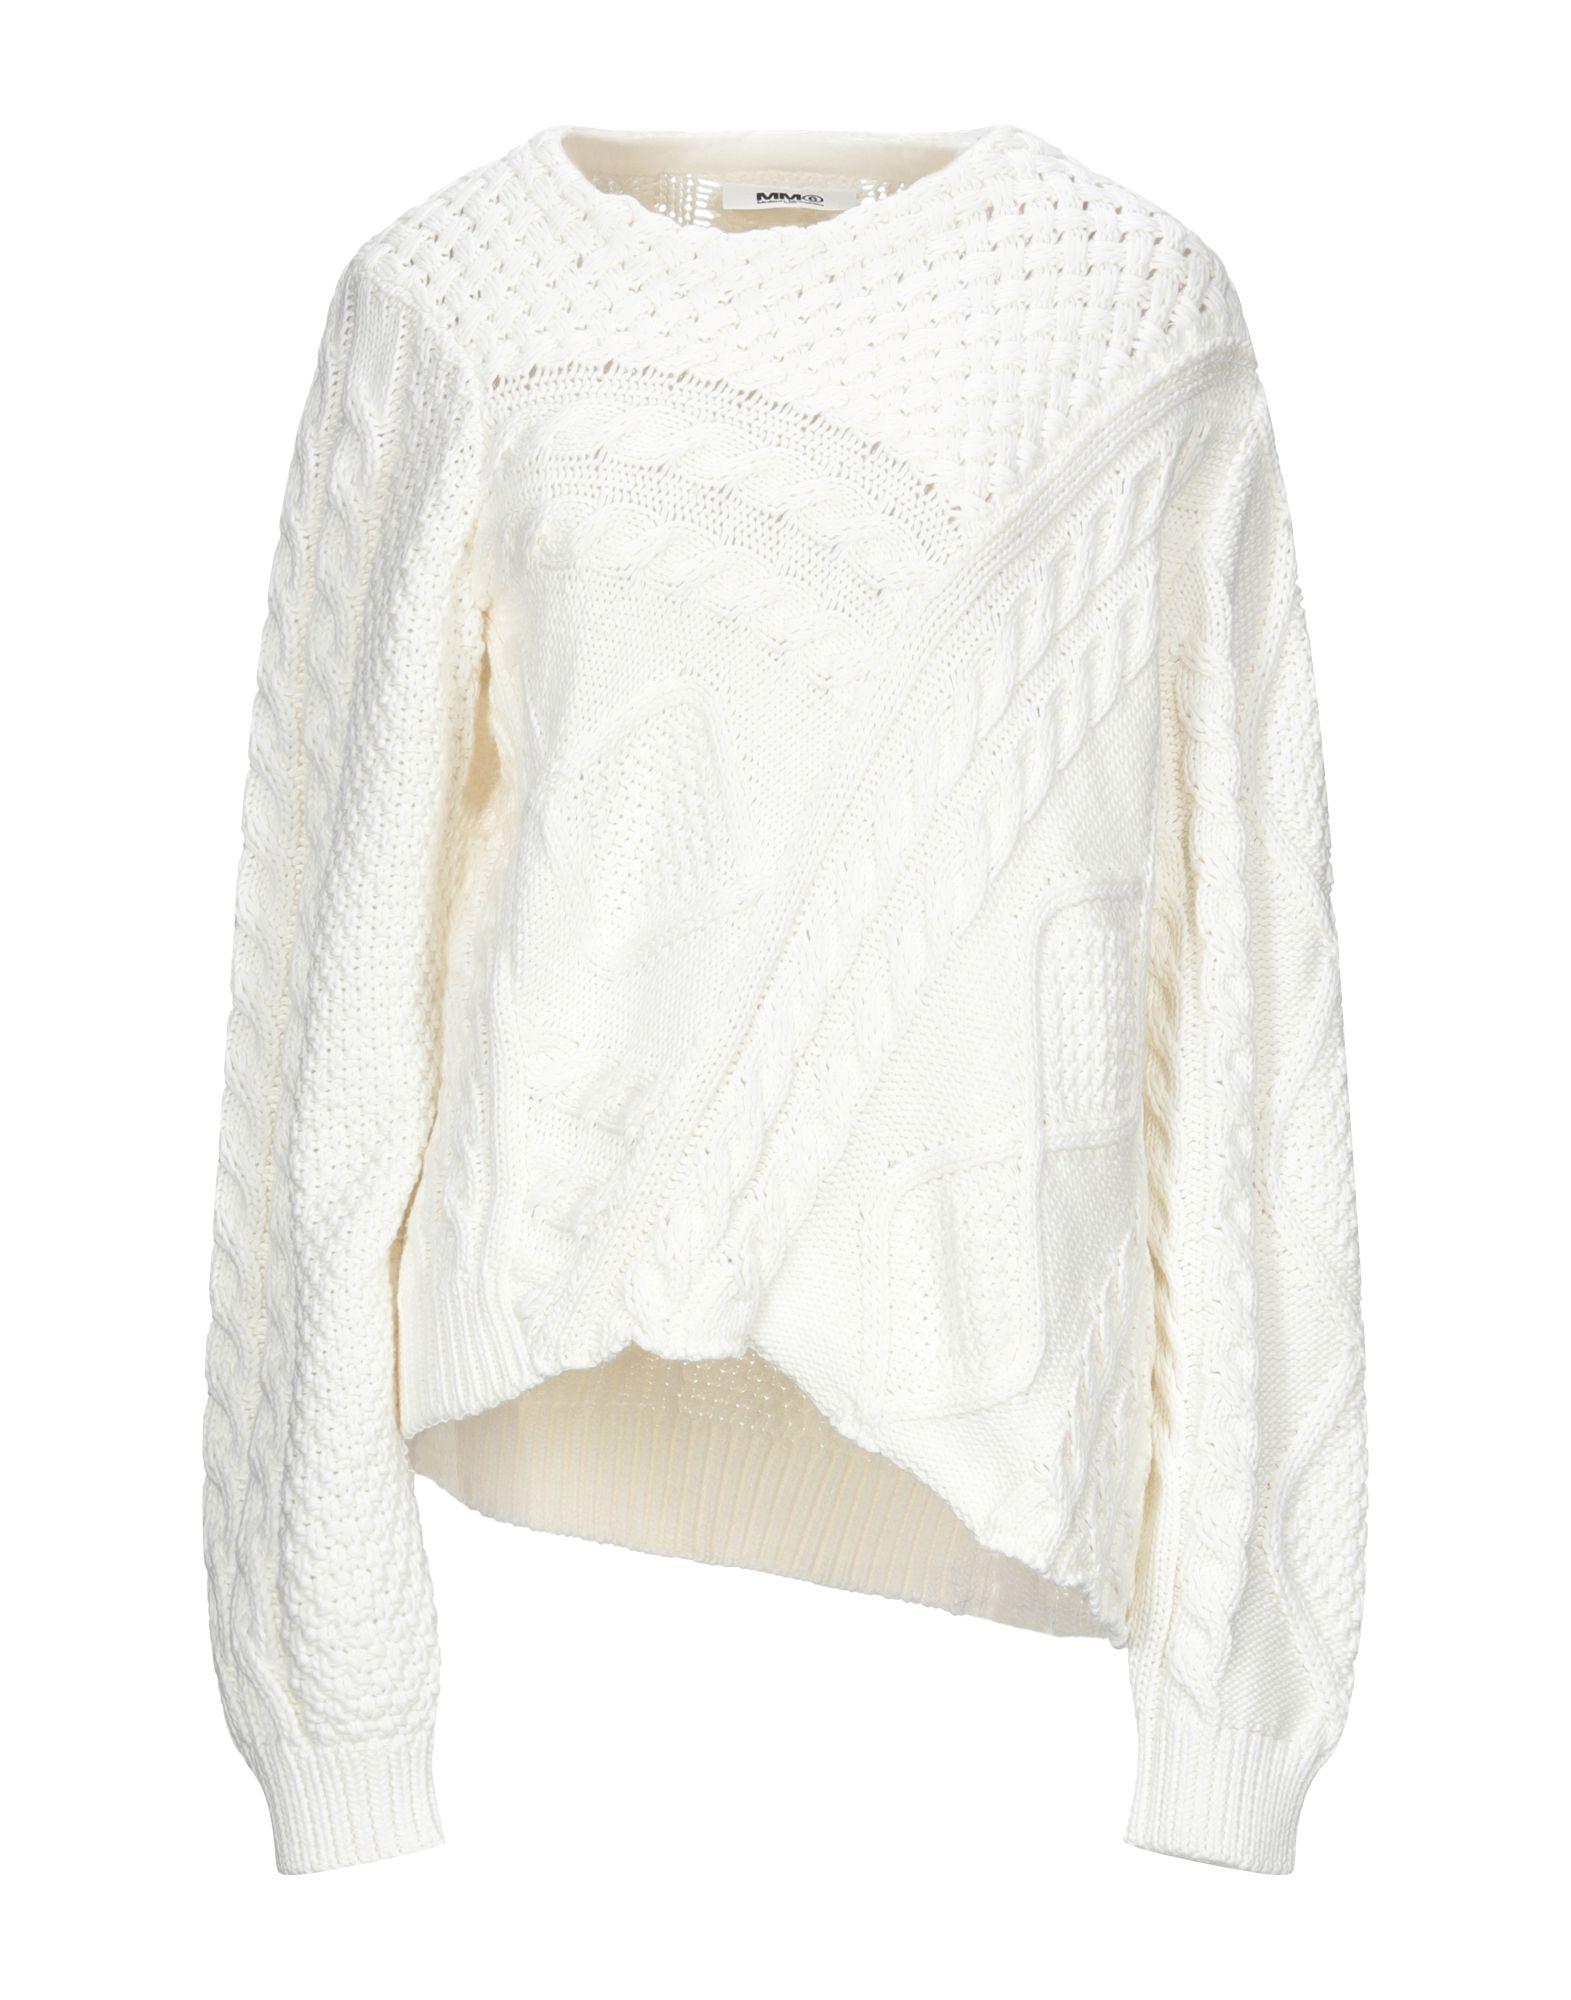 MM6 MAISON MARGIELA Damen Pullover Farbe Weiß Größe 7